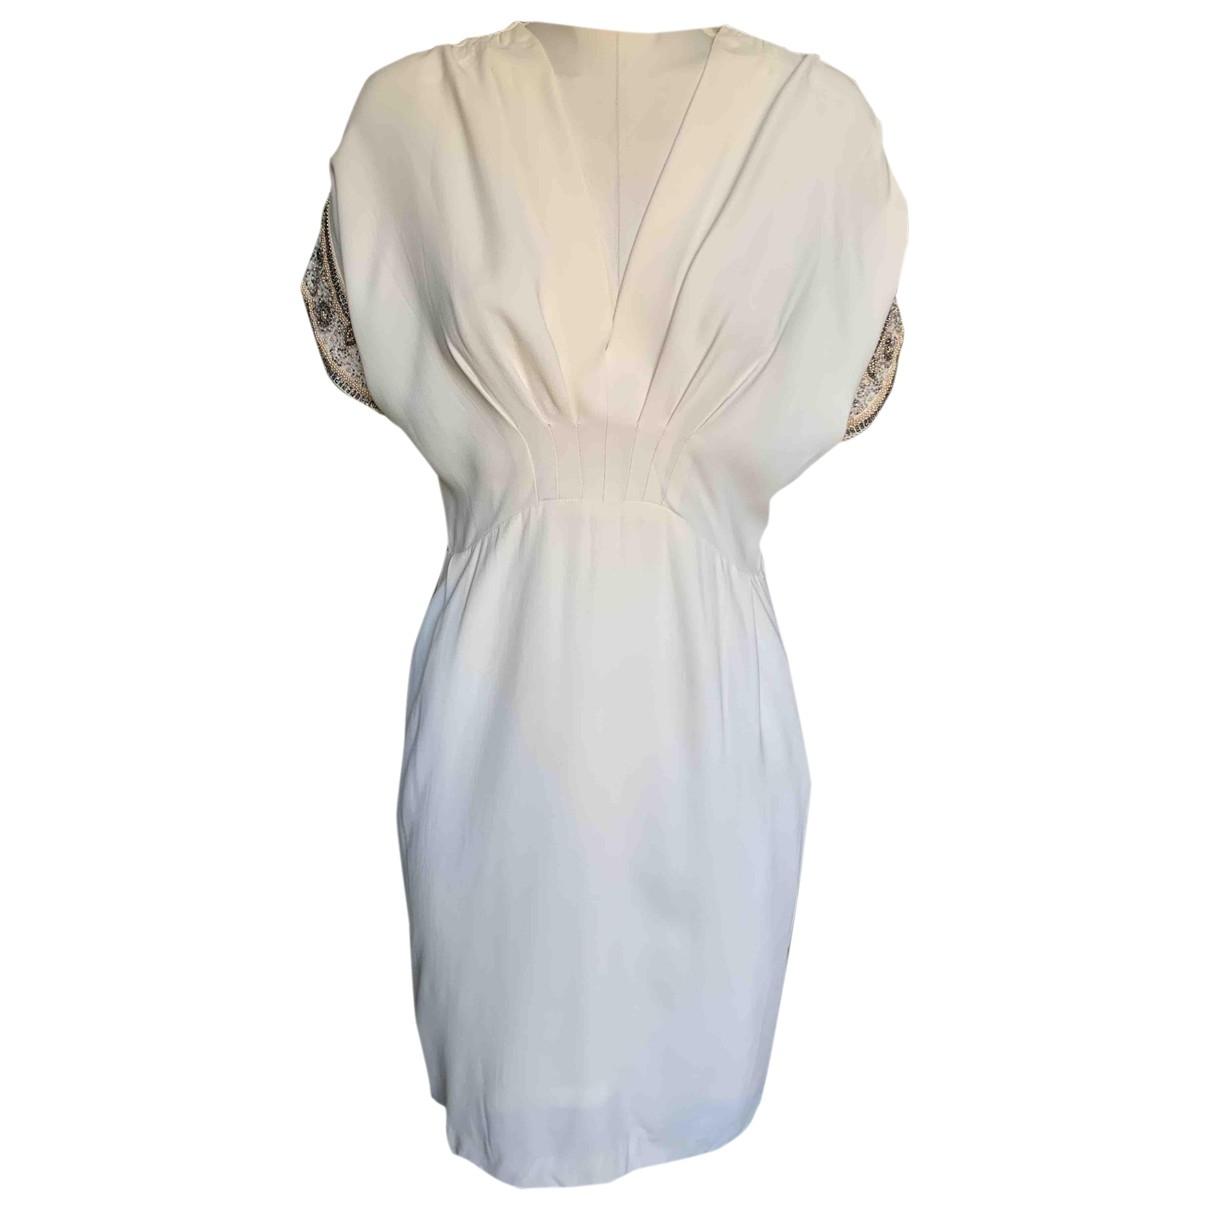 Paul & Joe \N Ecru dress for Women 38 FR